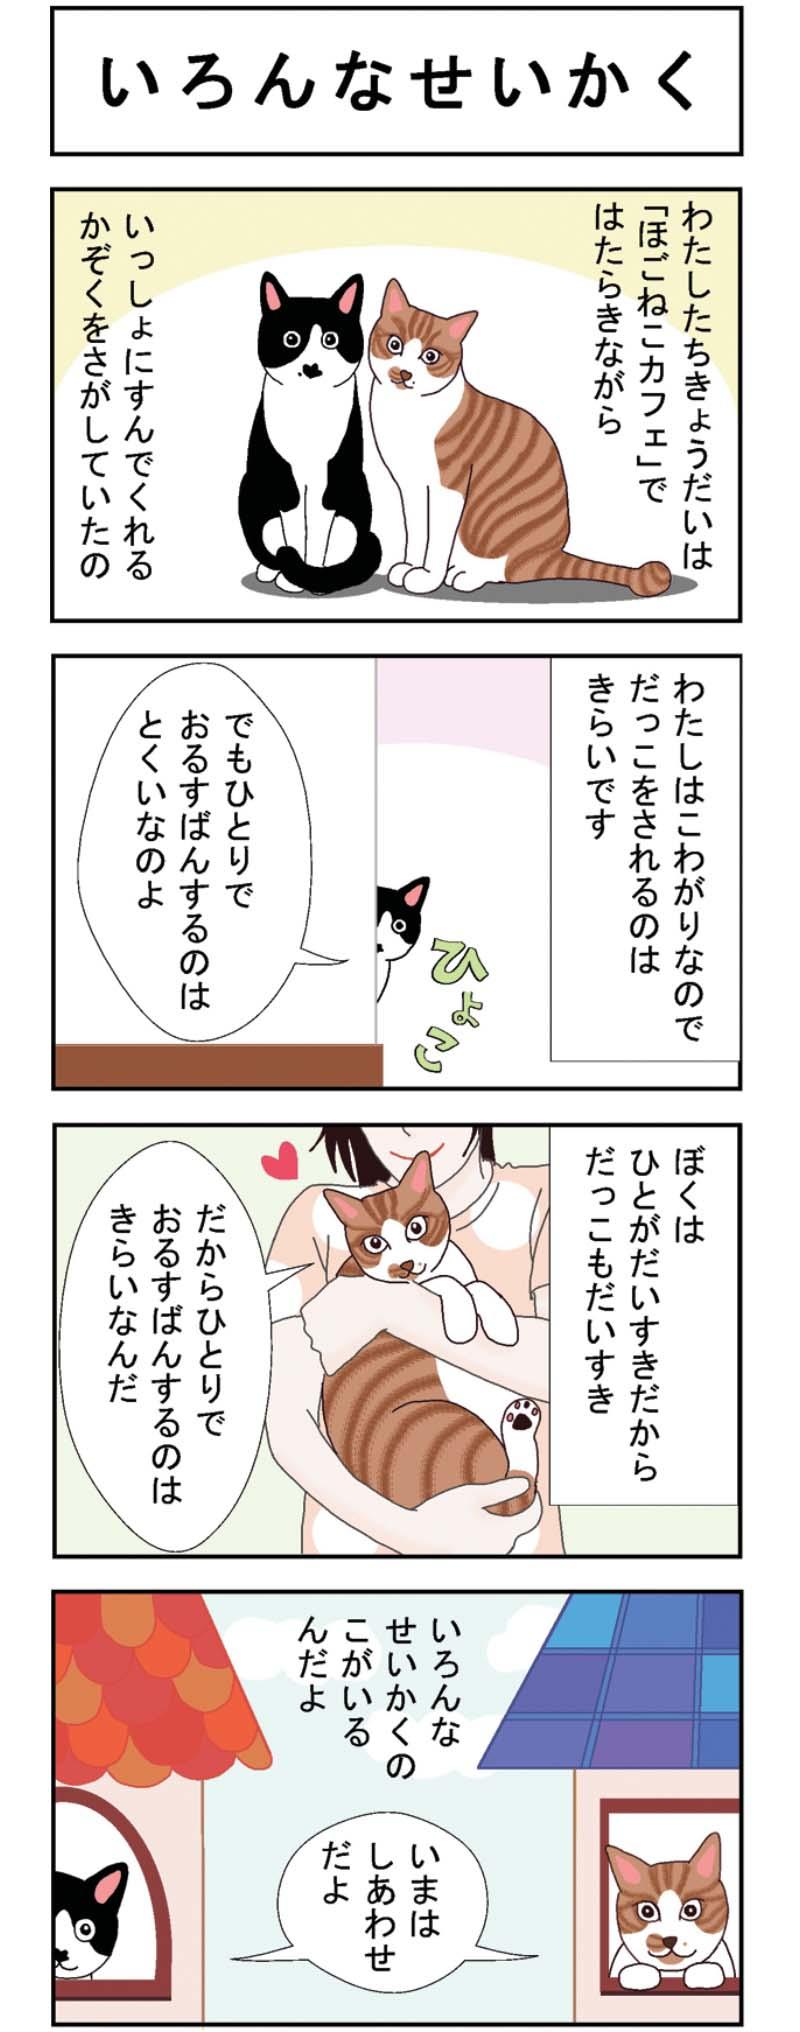 都 道府県 が 入る 動物